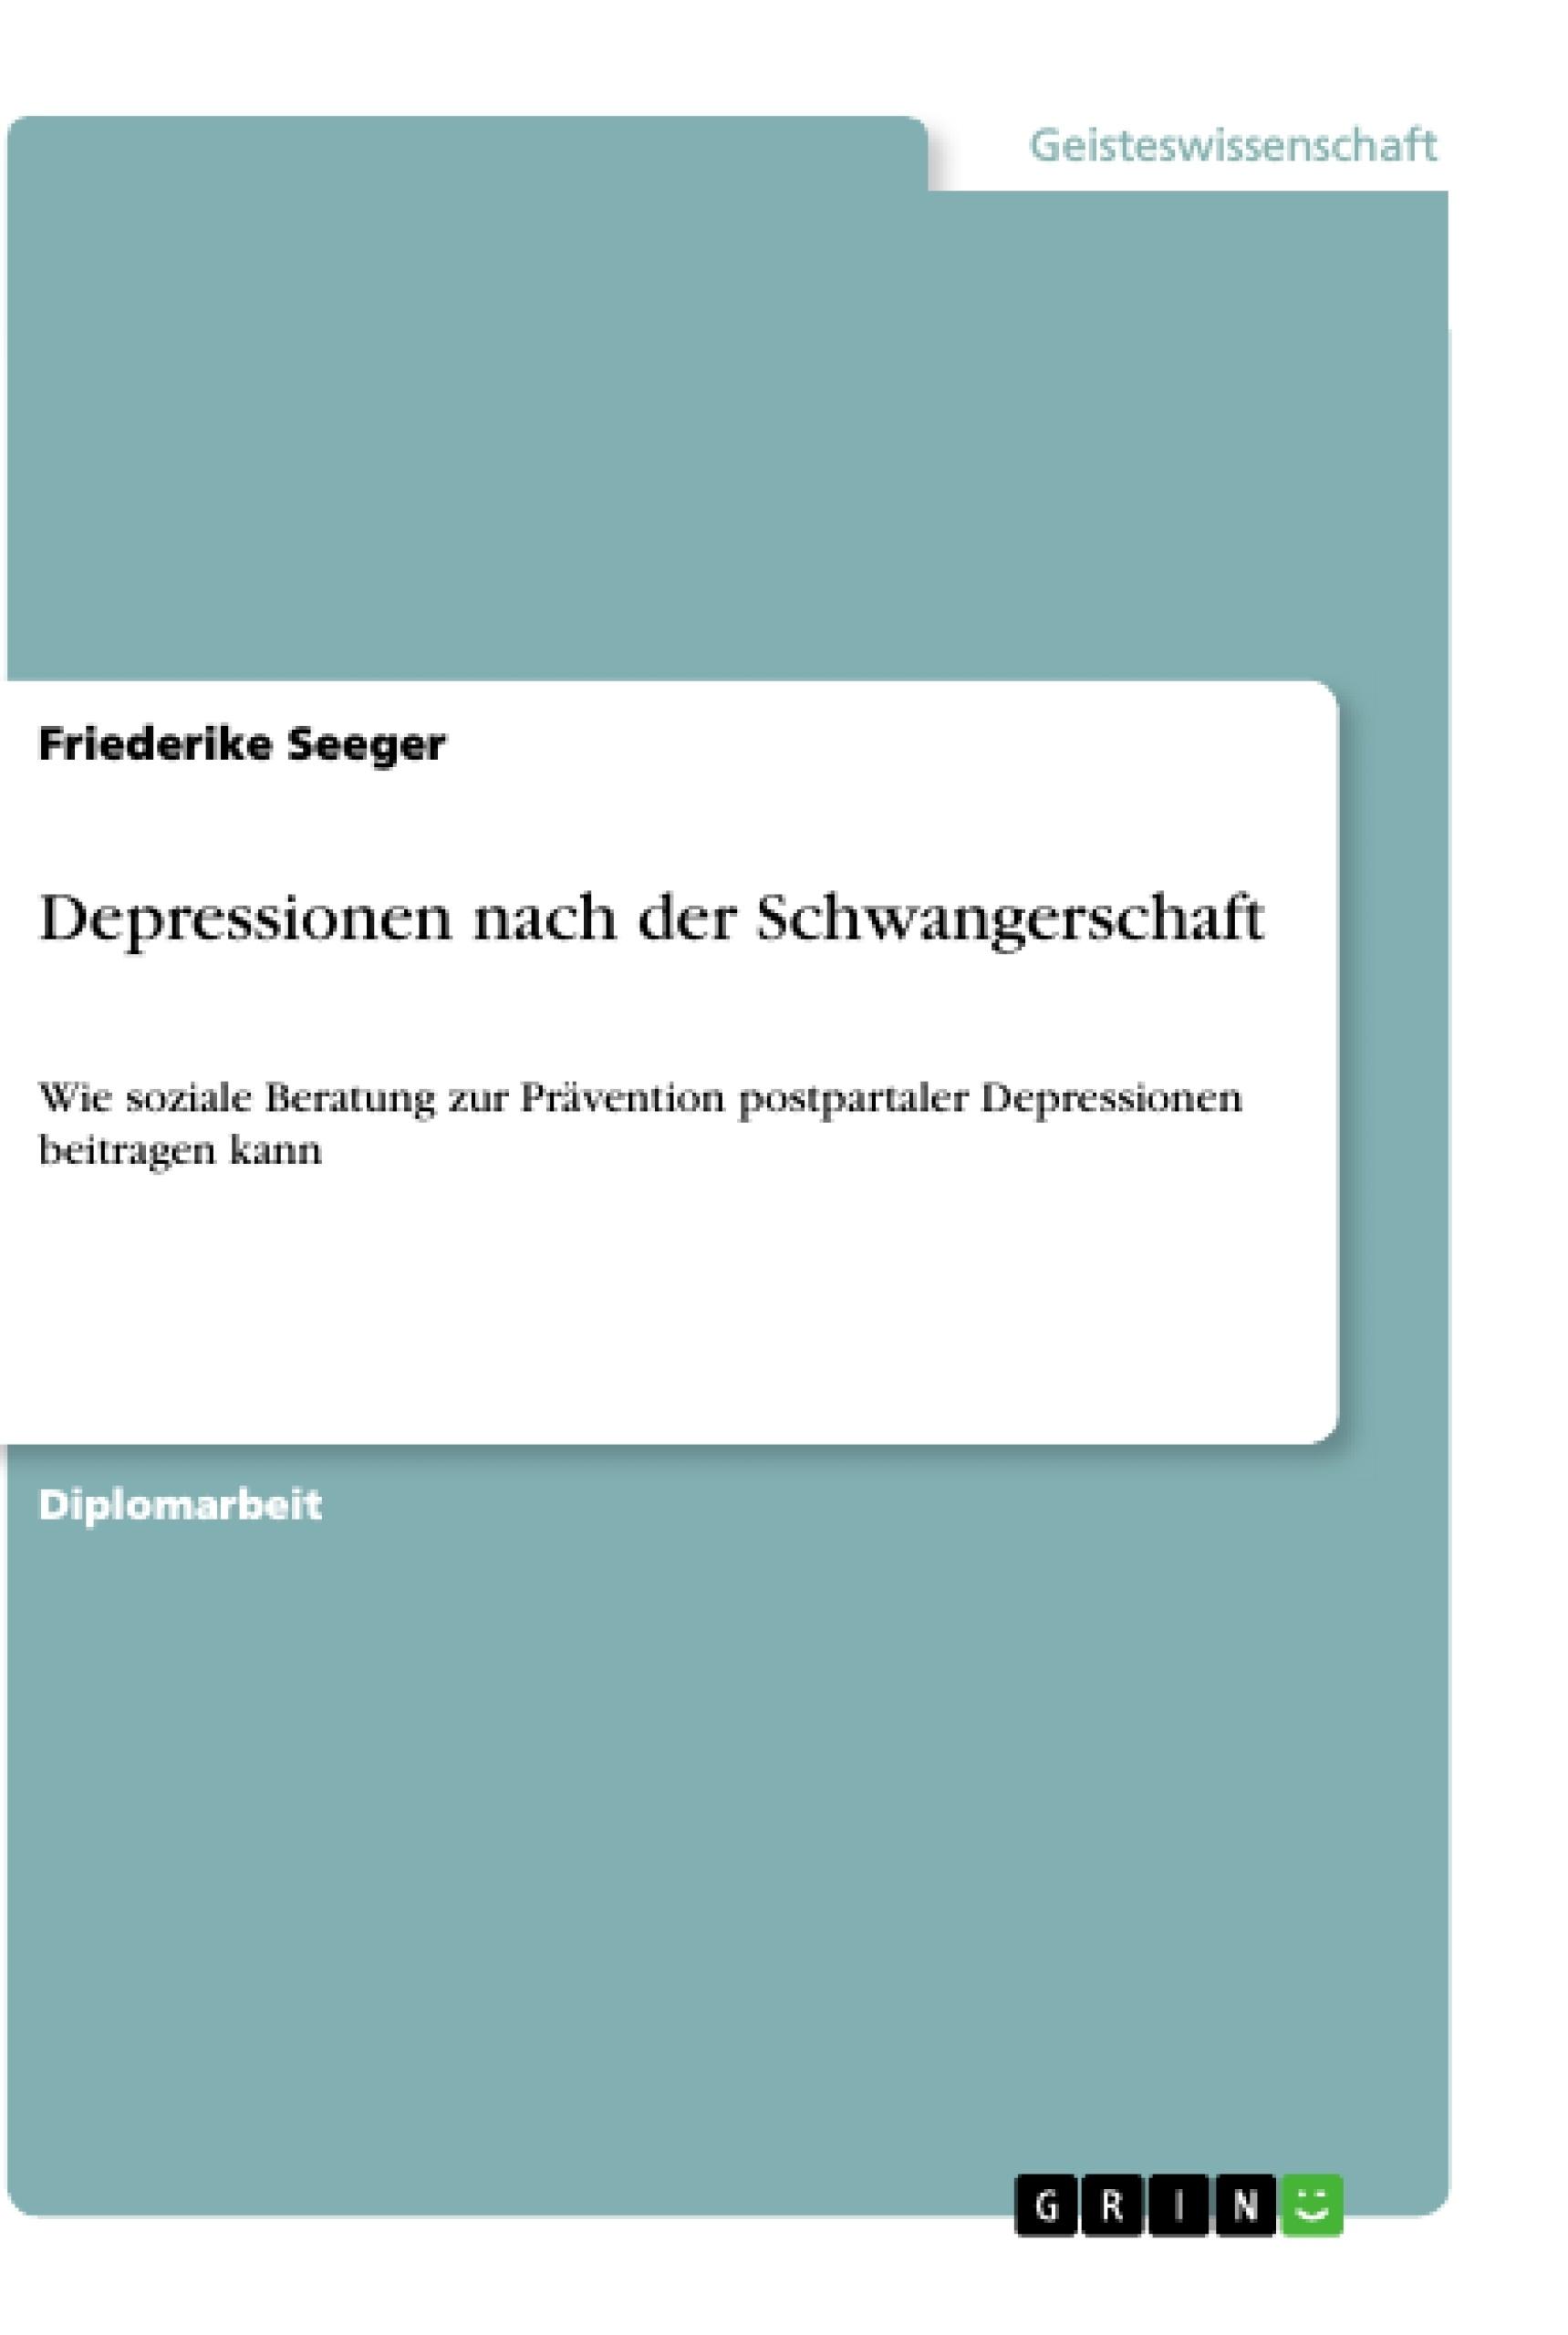 Titel: Depressionen nach der Schwangerschaft